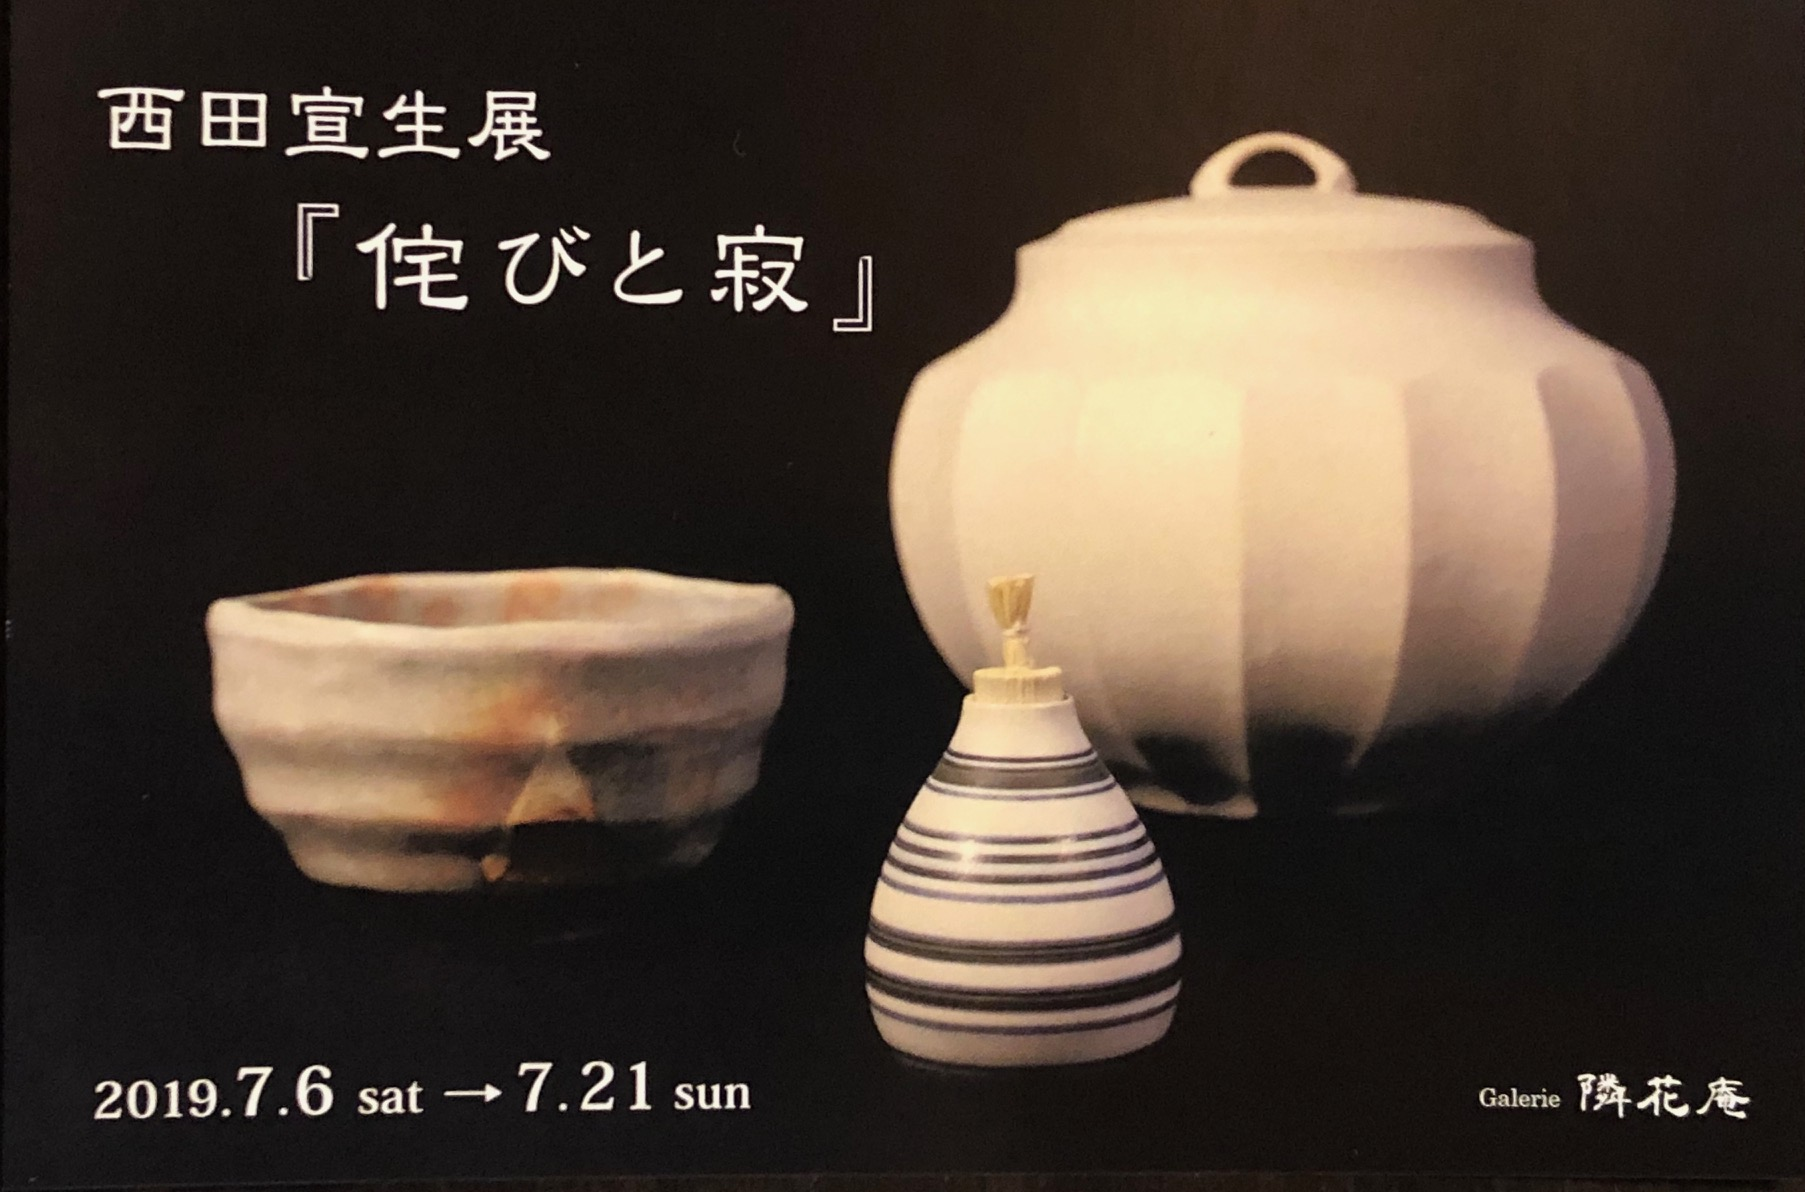 西田宣生展『侘びと寂』